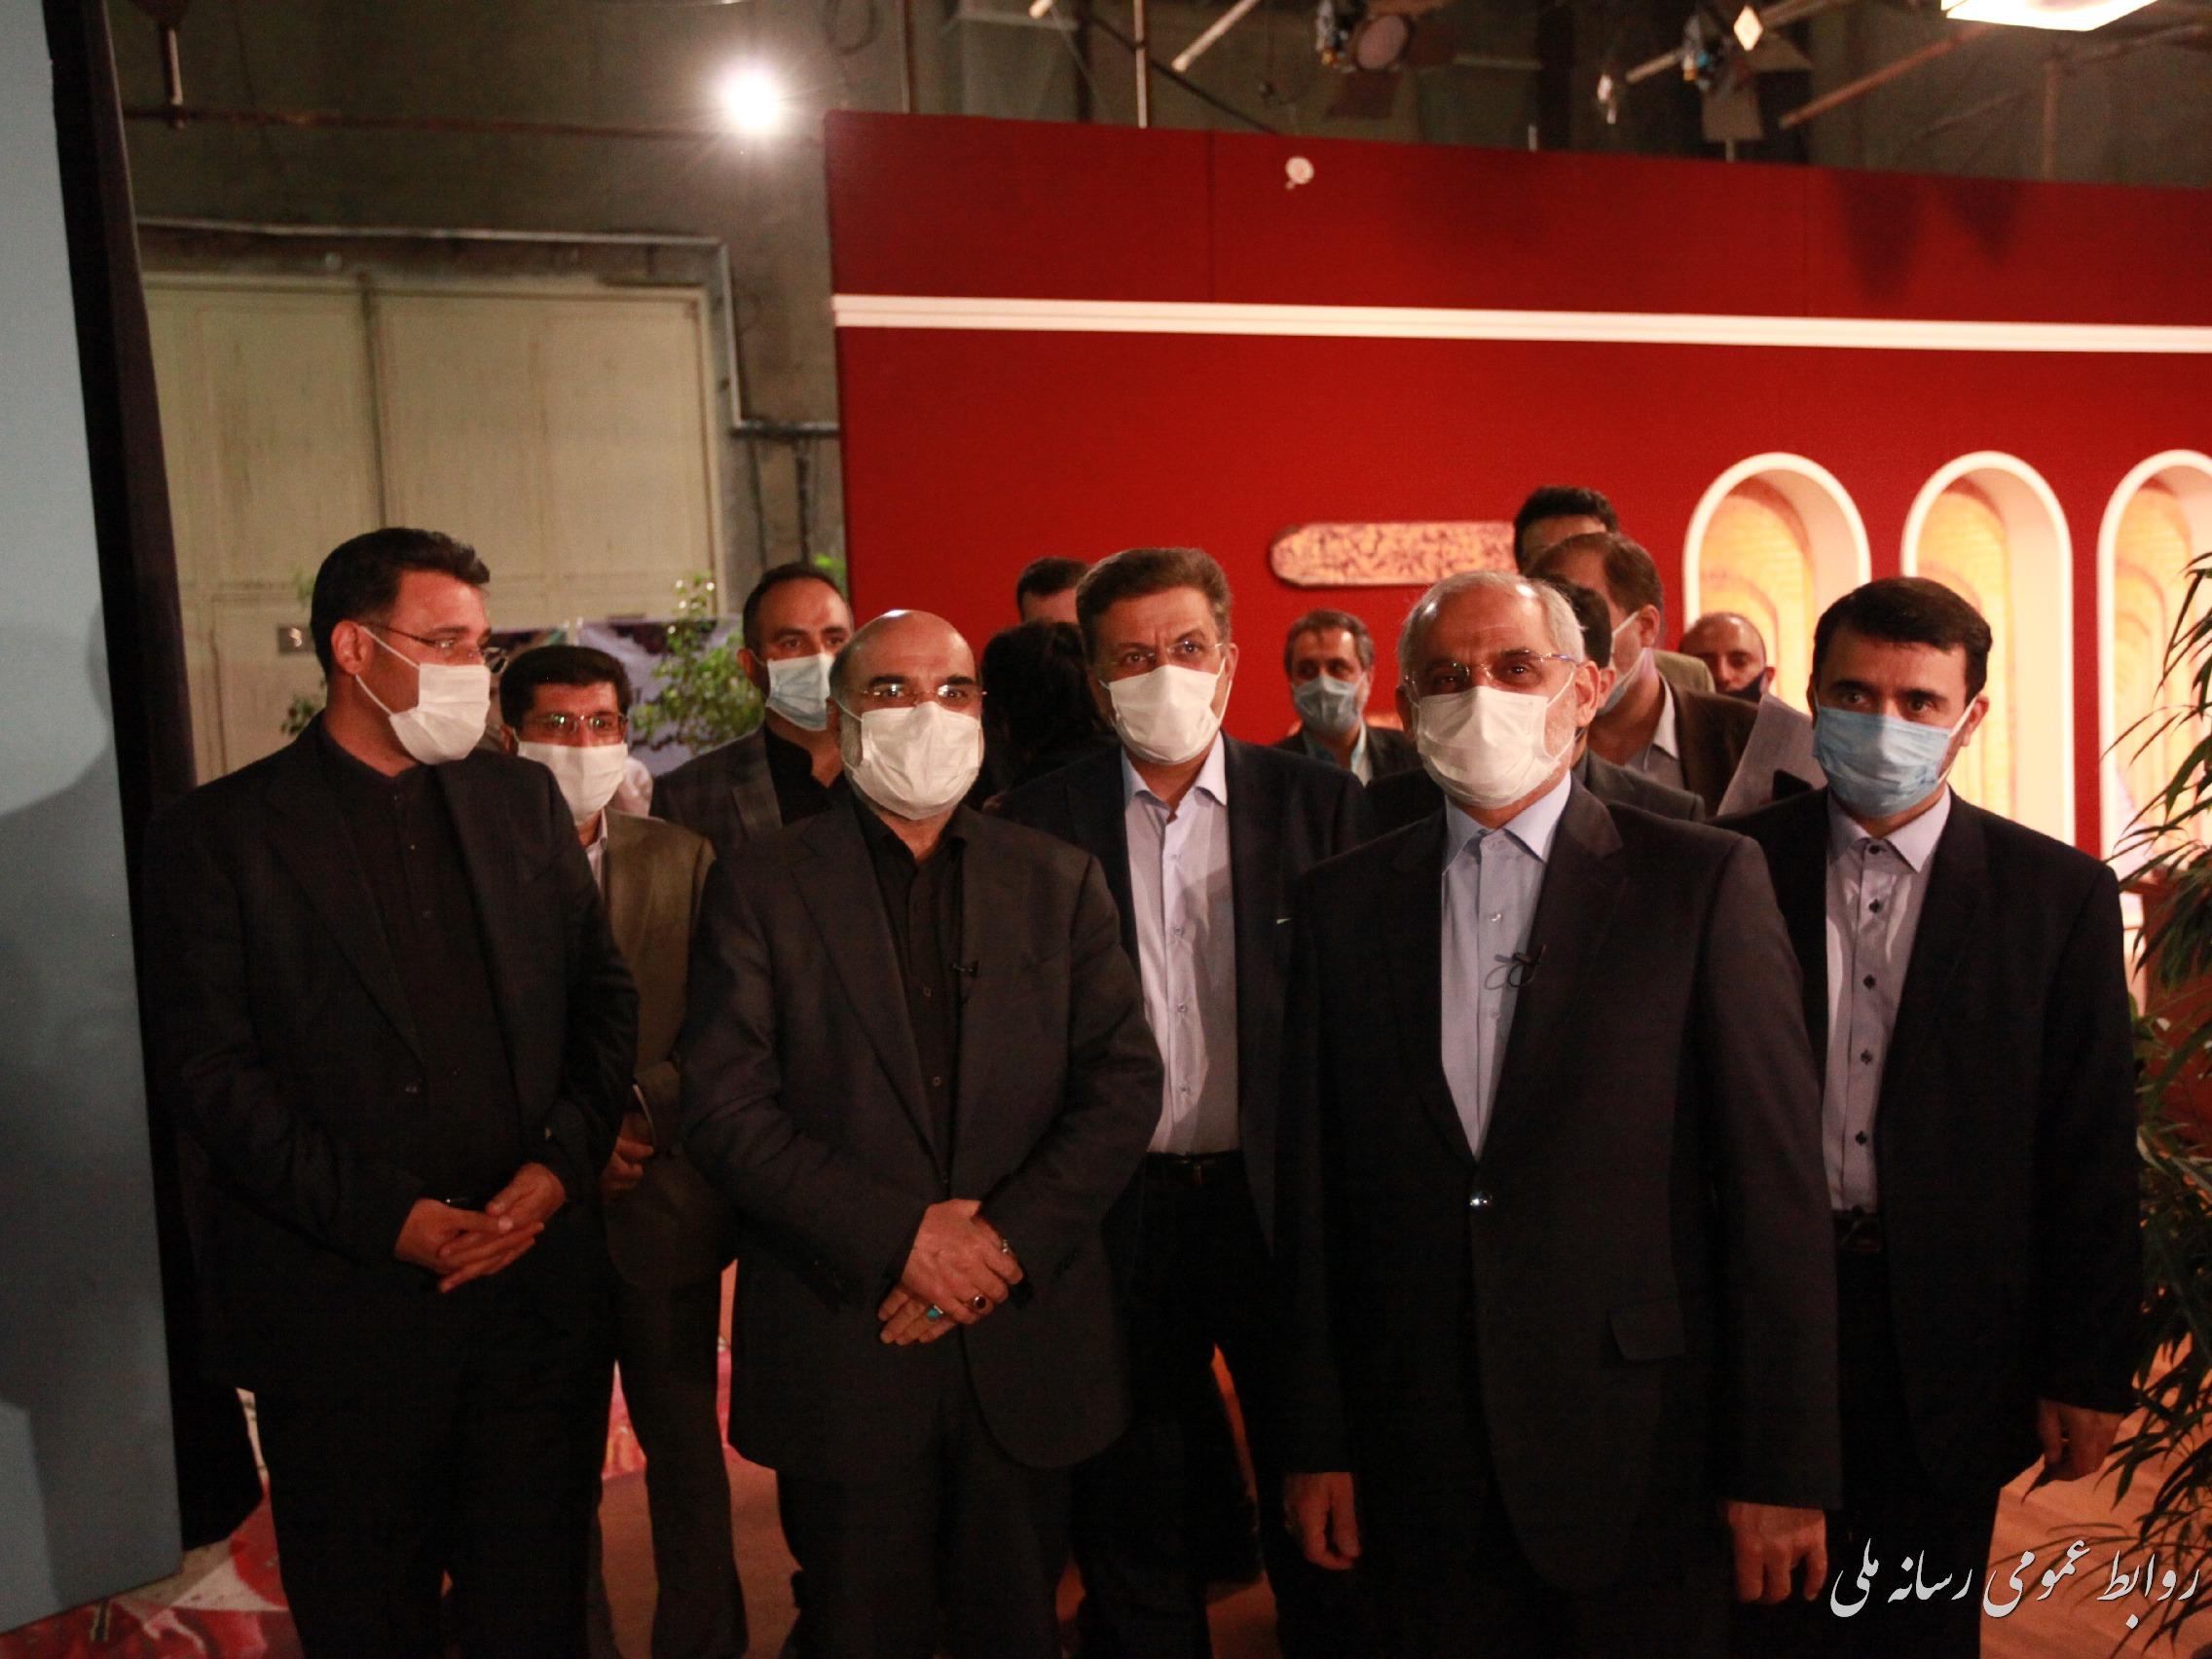 قدردانی وزیر آموزش و پرورش از روحیه جهادی تلاش گران مدرسه تلویزیونی در شبکه های سیما